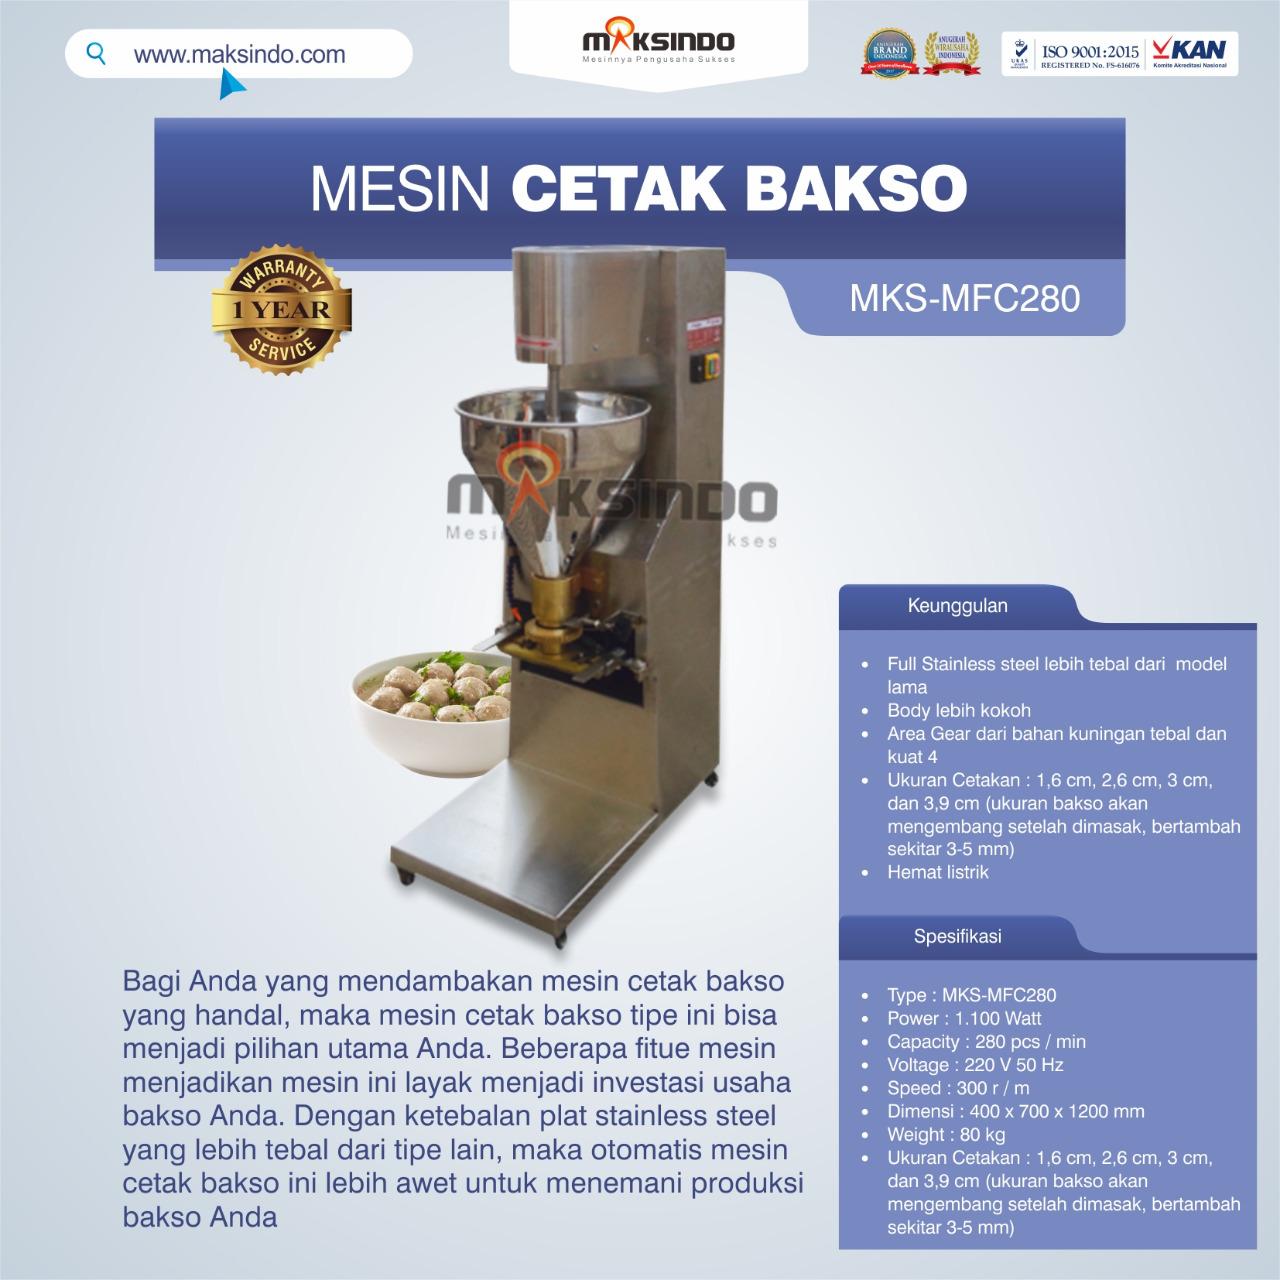 Jual Mesin Cetak Bakso MKS-MFC280 di Bekasi